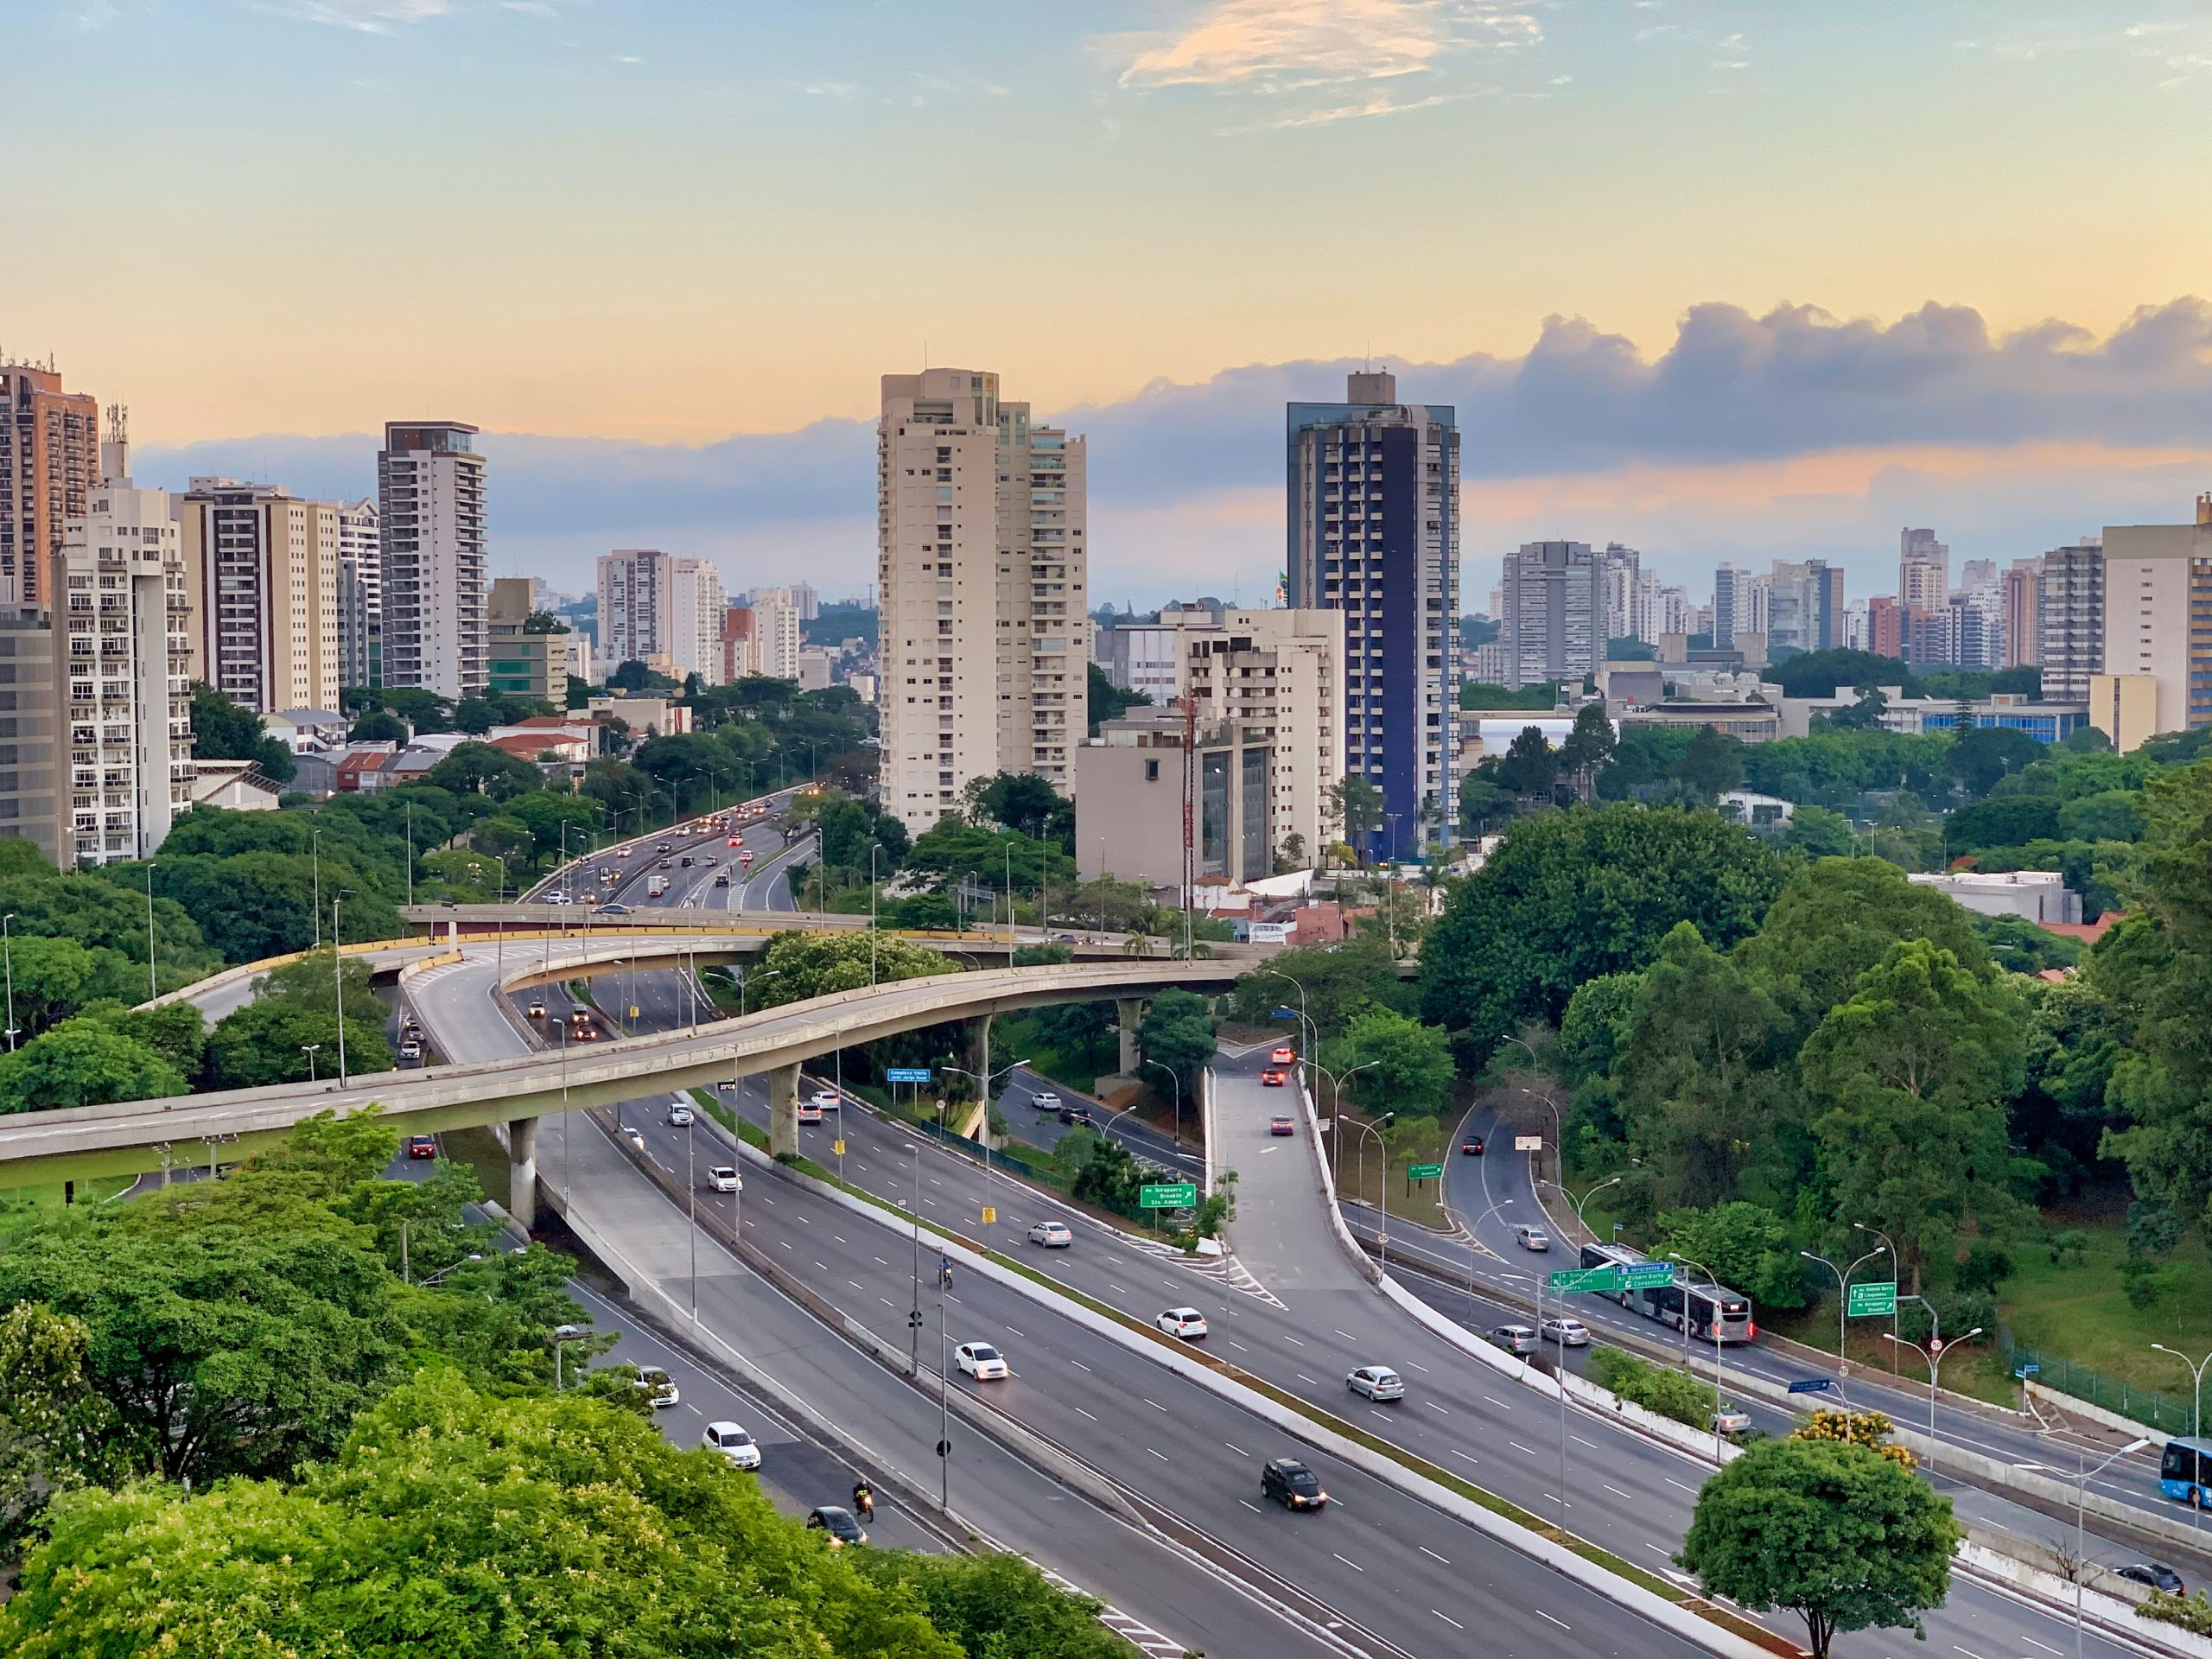 Crise Urbanismo: uma reflexão sobre a Arquitetura Brasileira e a qualidade das cidades pós-pandêmica [PARTE 2]